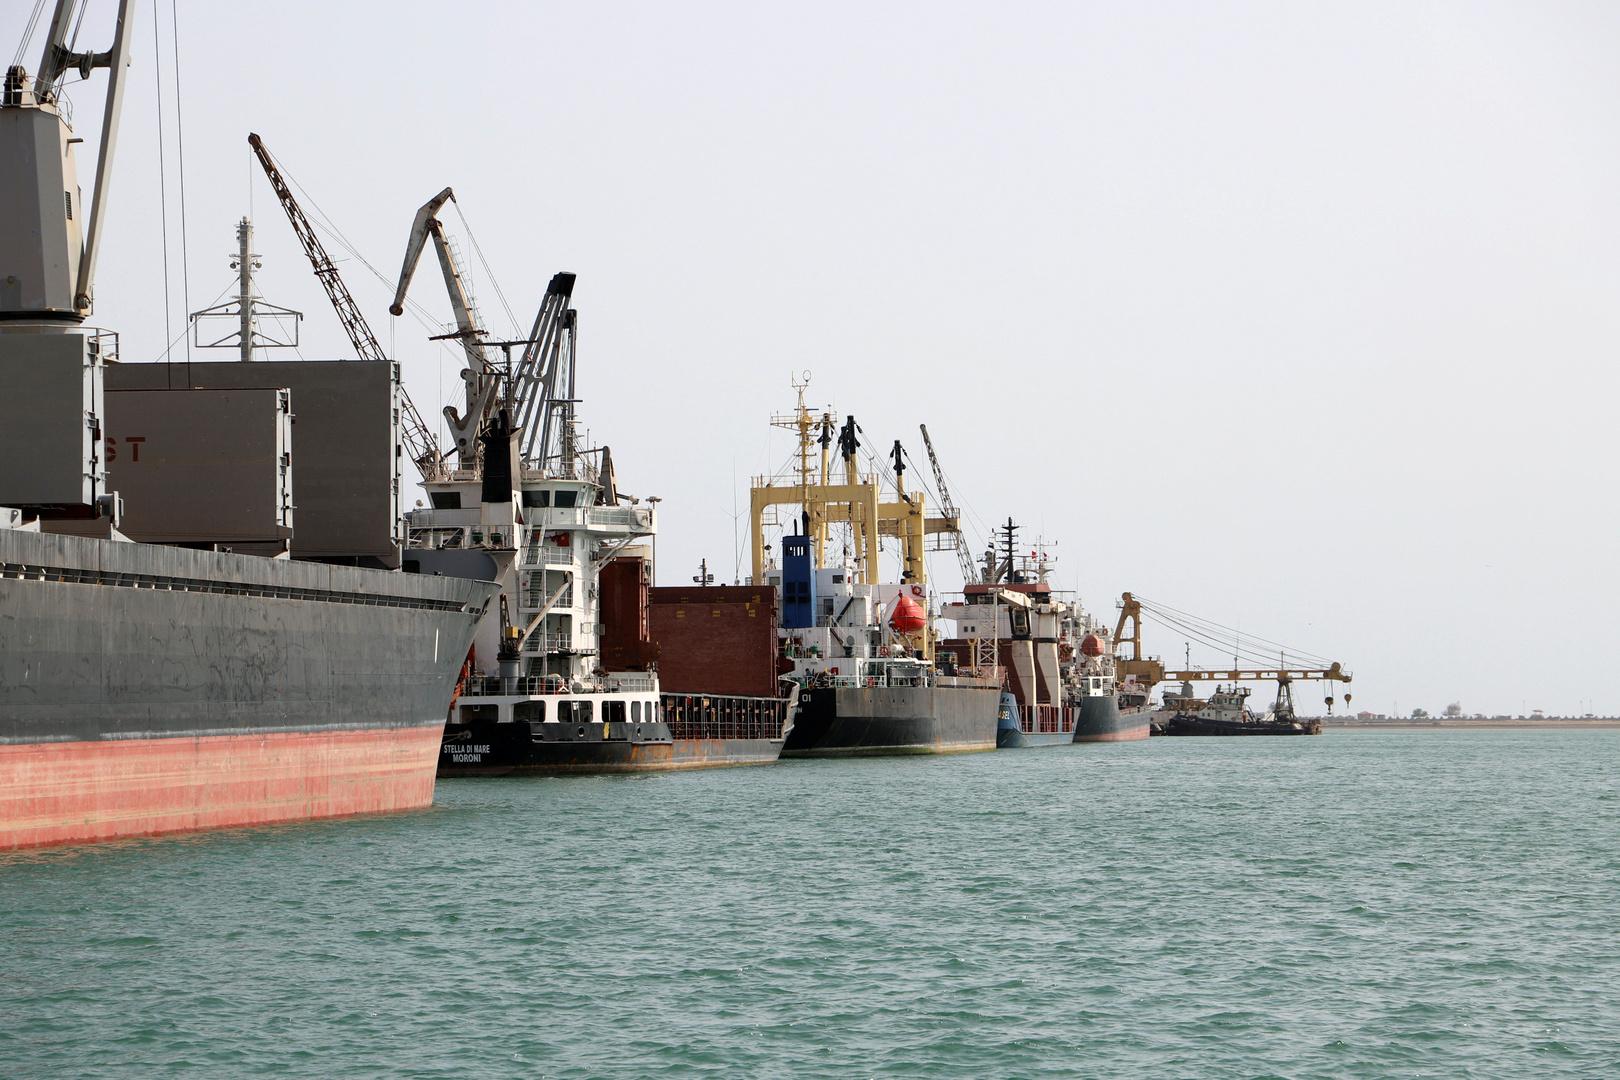 الحوثيون يكشفون عن أسباب الخلافات حول ناقلة النفط